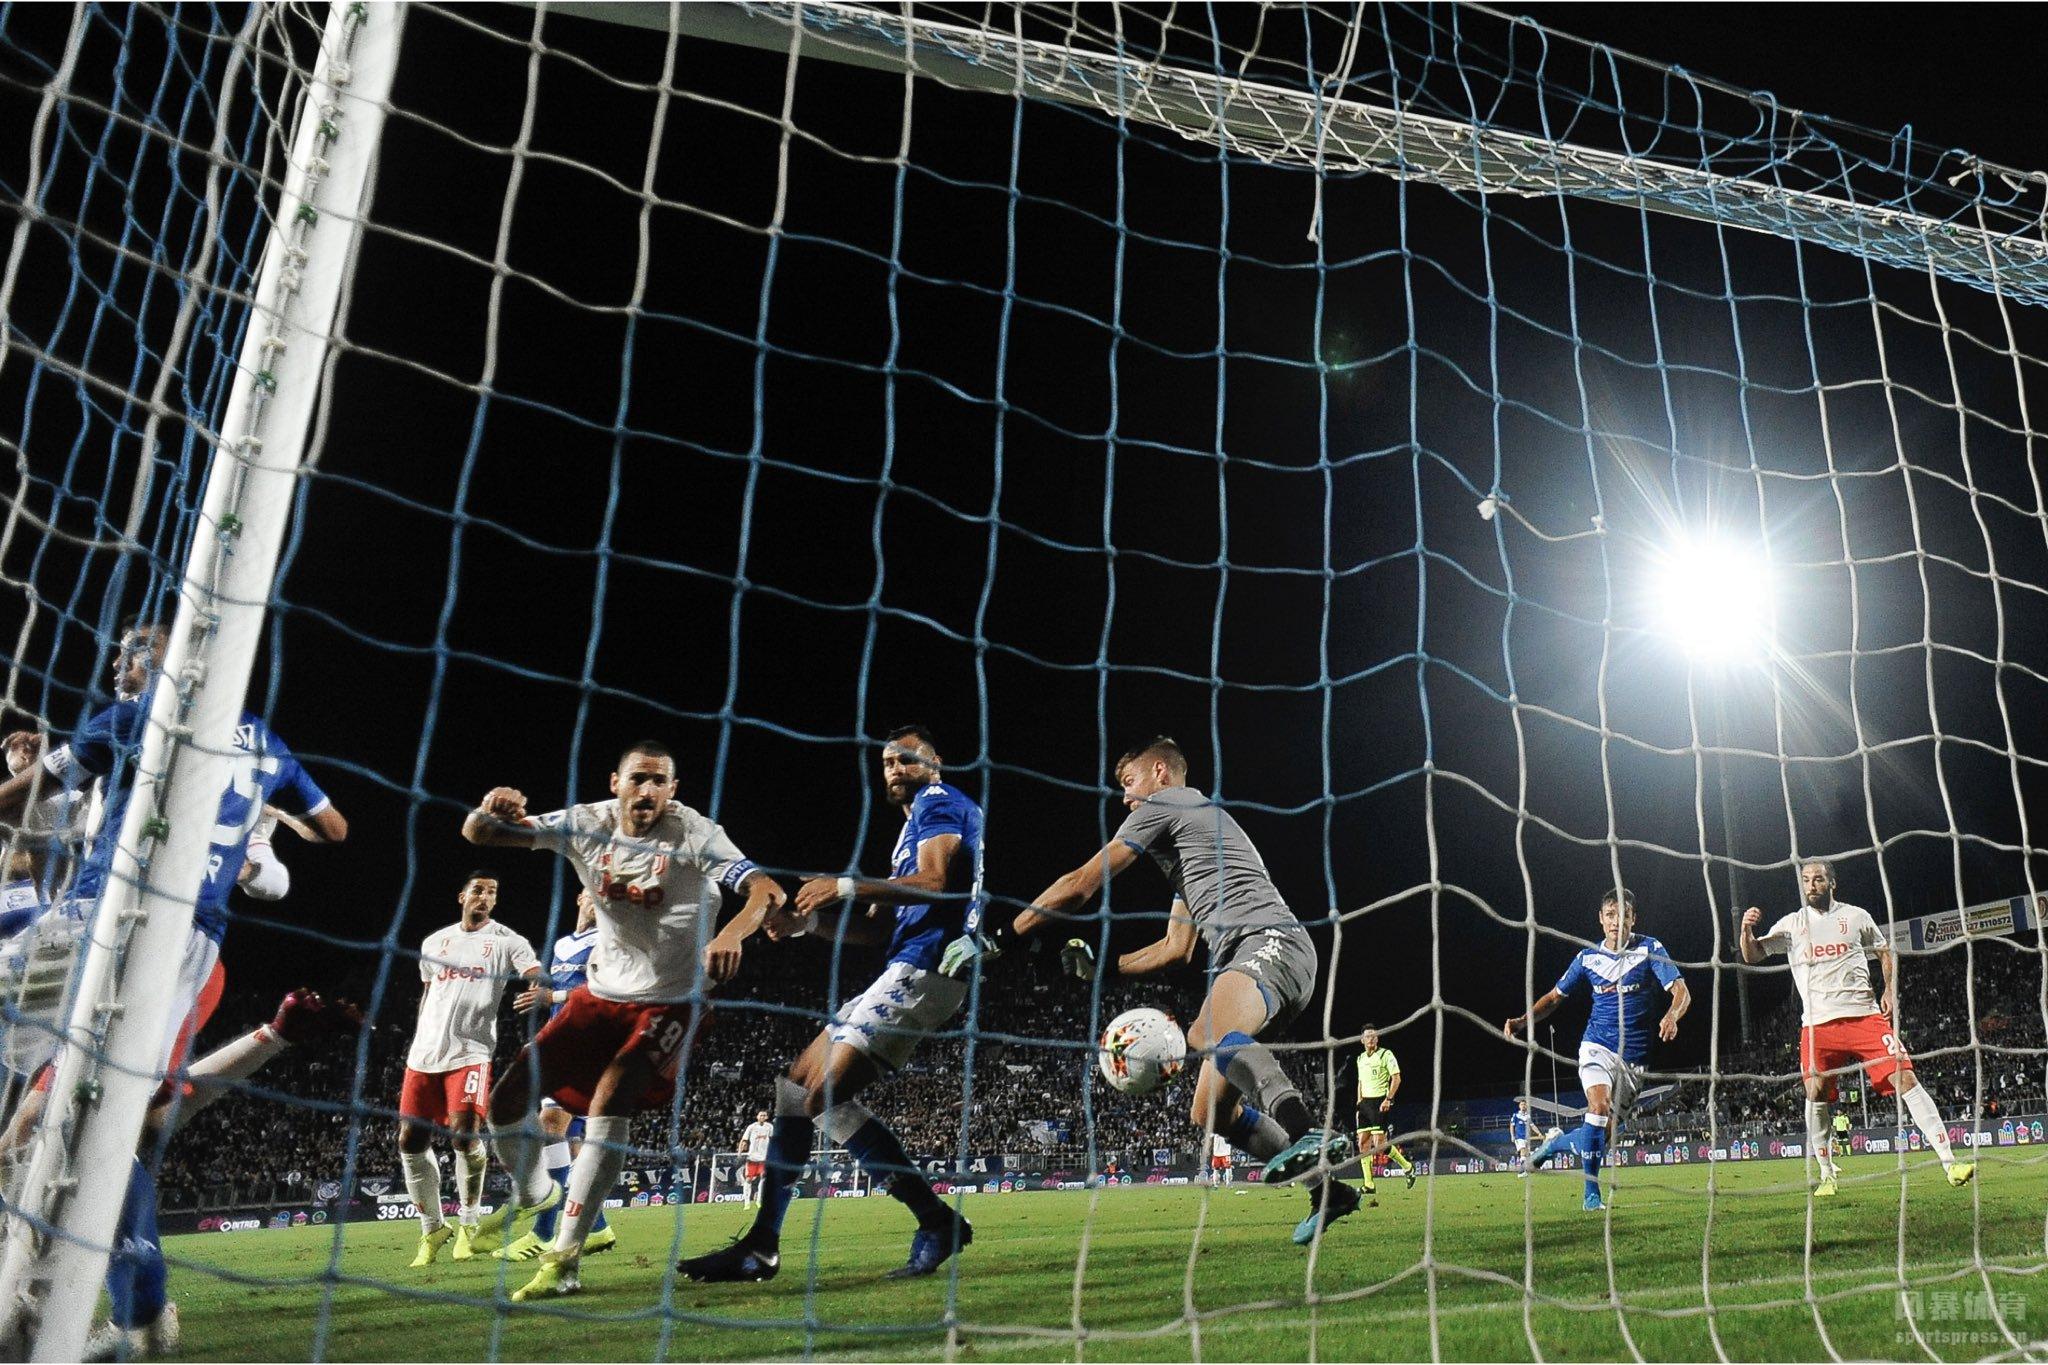 北京时间9月25日凌晨3:00,意甲第6轮一场较量,尤文图斯客场挑战升班马布雷西亚。上半场比赛,多纳鲁马为布雷西亚打破僵局,迪巴拉角球造成对方乌龙,两队1-1战平;下半场比赛,皮亚尼奇的进球帮助尤文反超比分。全场比赛结束,最终尤文图斯2-1客场战胜布雷西亚。